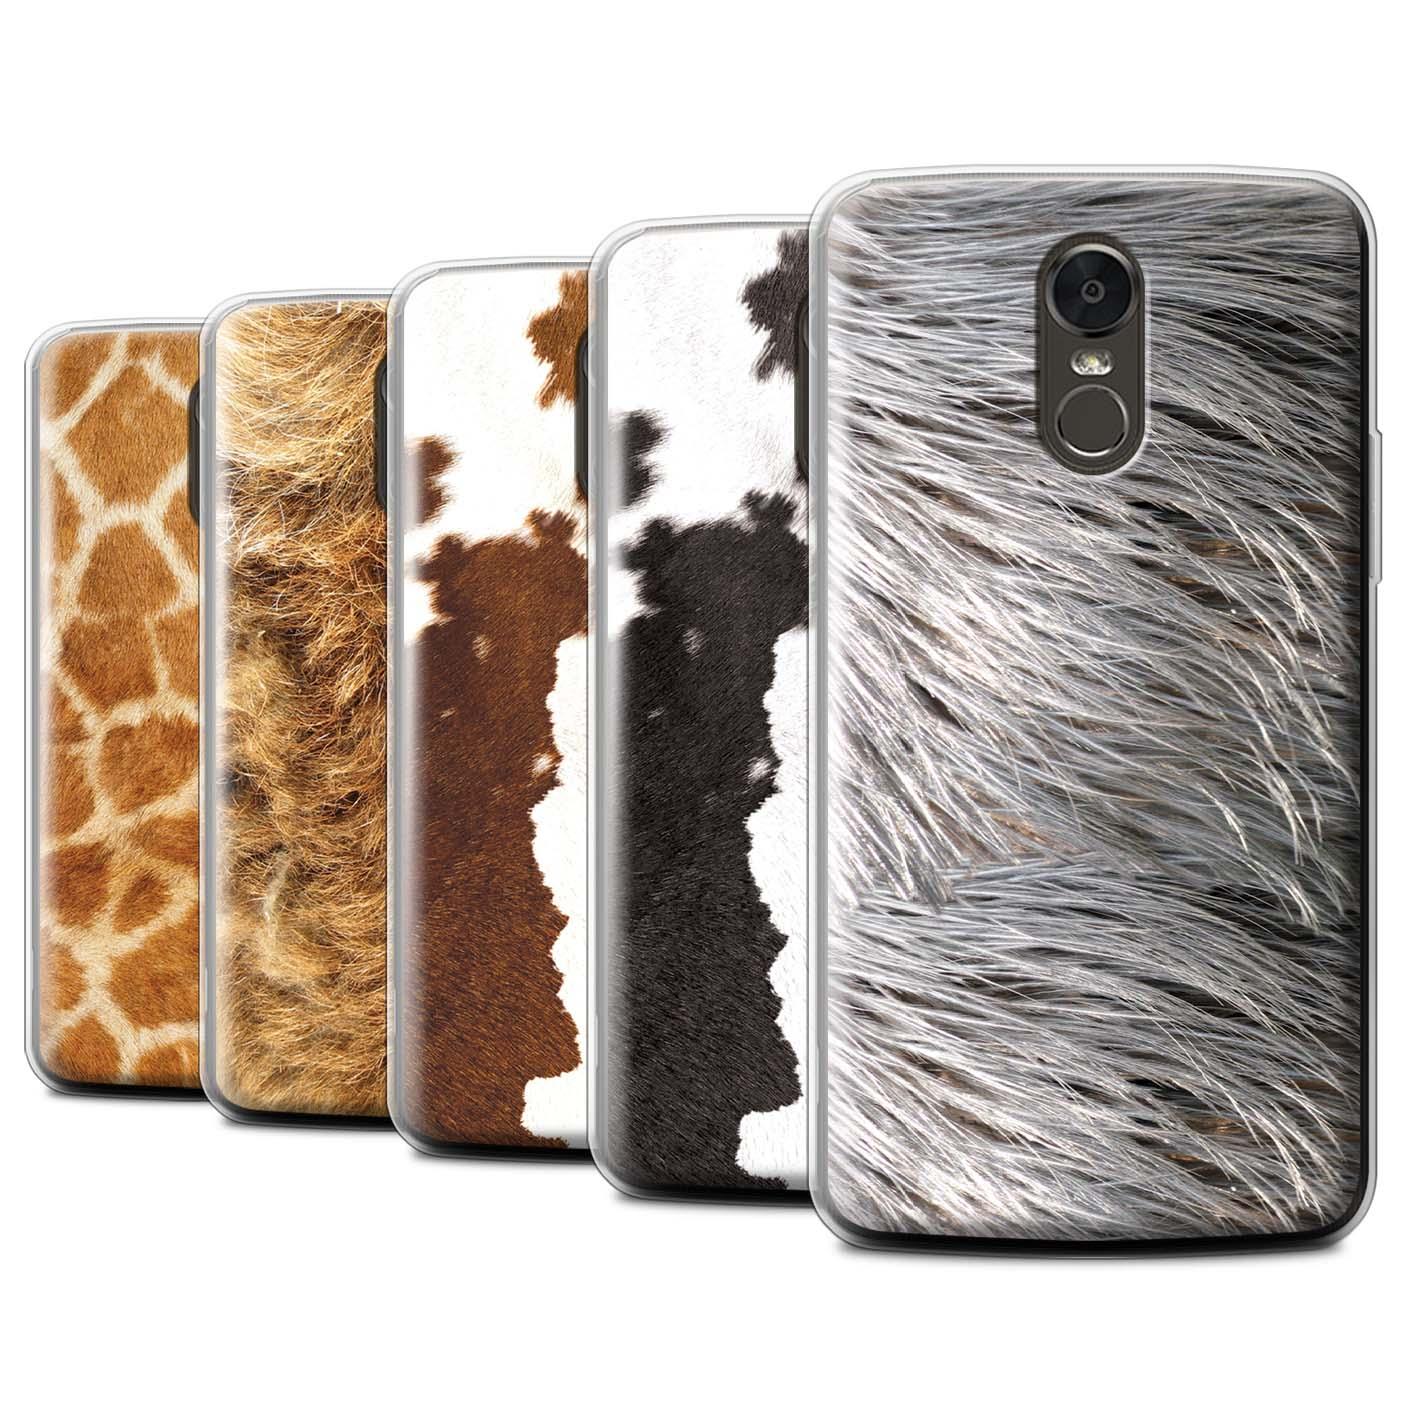 Gel-TPU-Case-for-LG-Stylus-3-Stylo-3-K10-Pro-Animal-Fur-Effect-Pattern